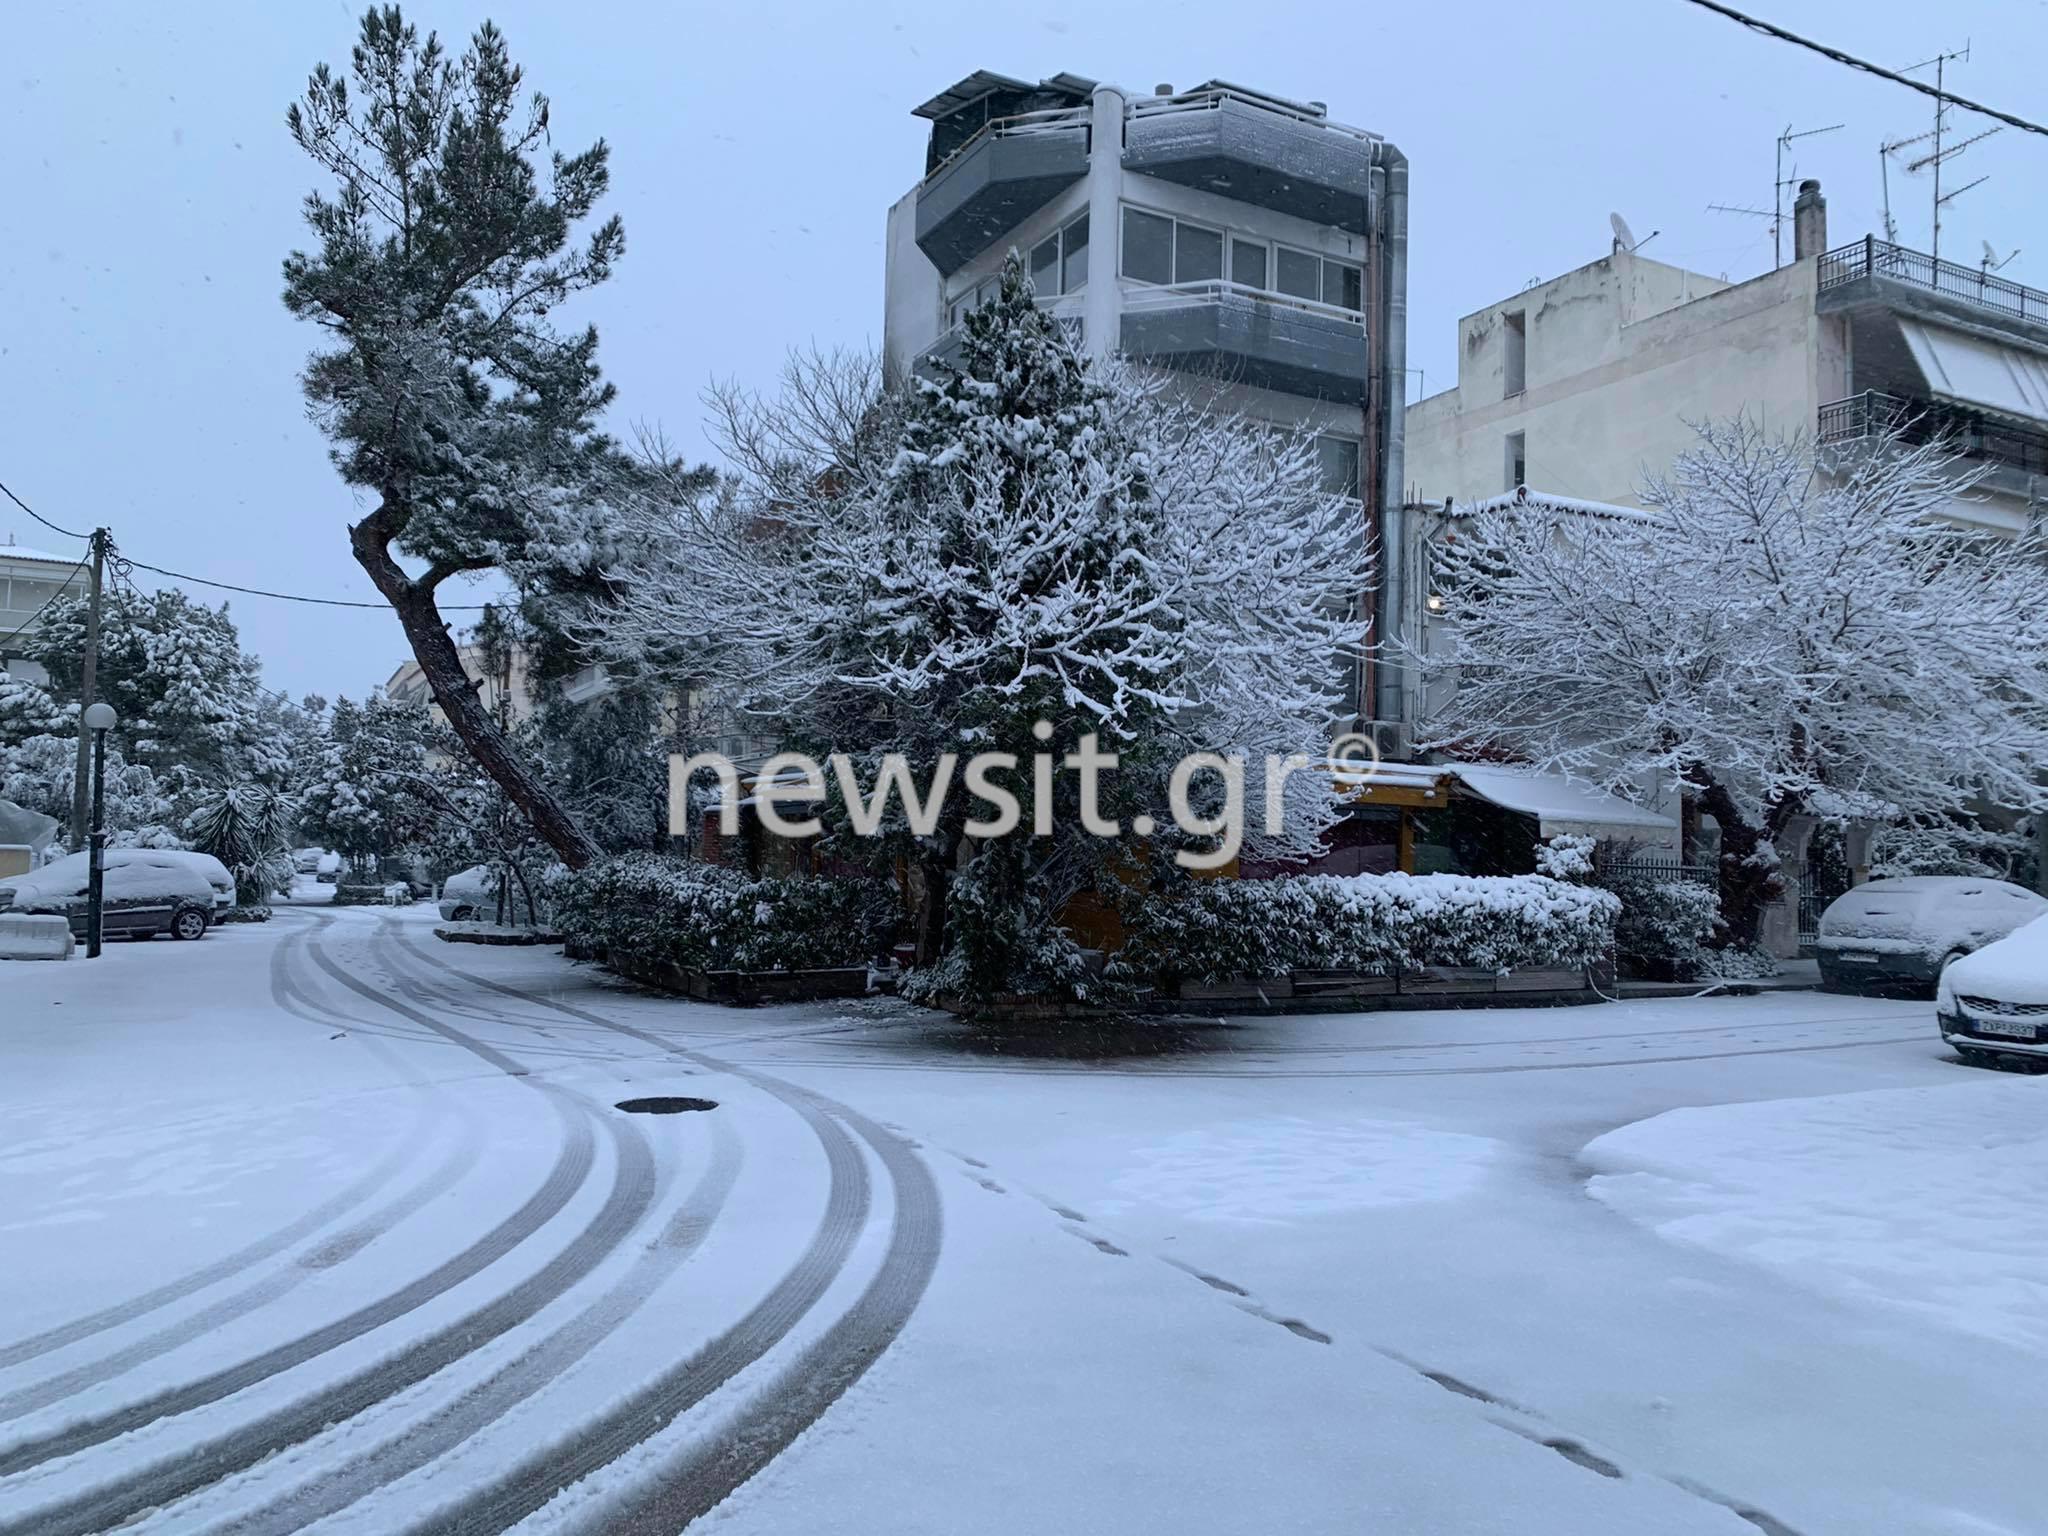 Καιρός: Εντυπωσιακές εικόνες από το χιόνι στα Βόρεια Προάστια – Με αλυσίδες στην Κηφισίας